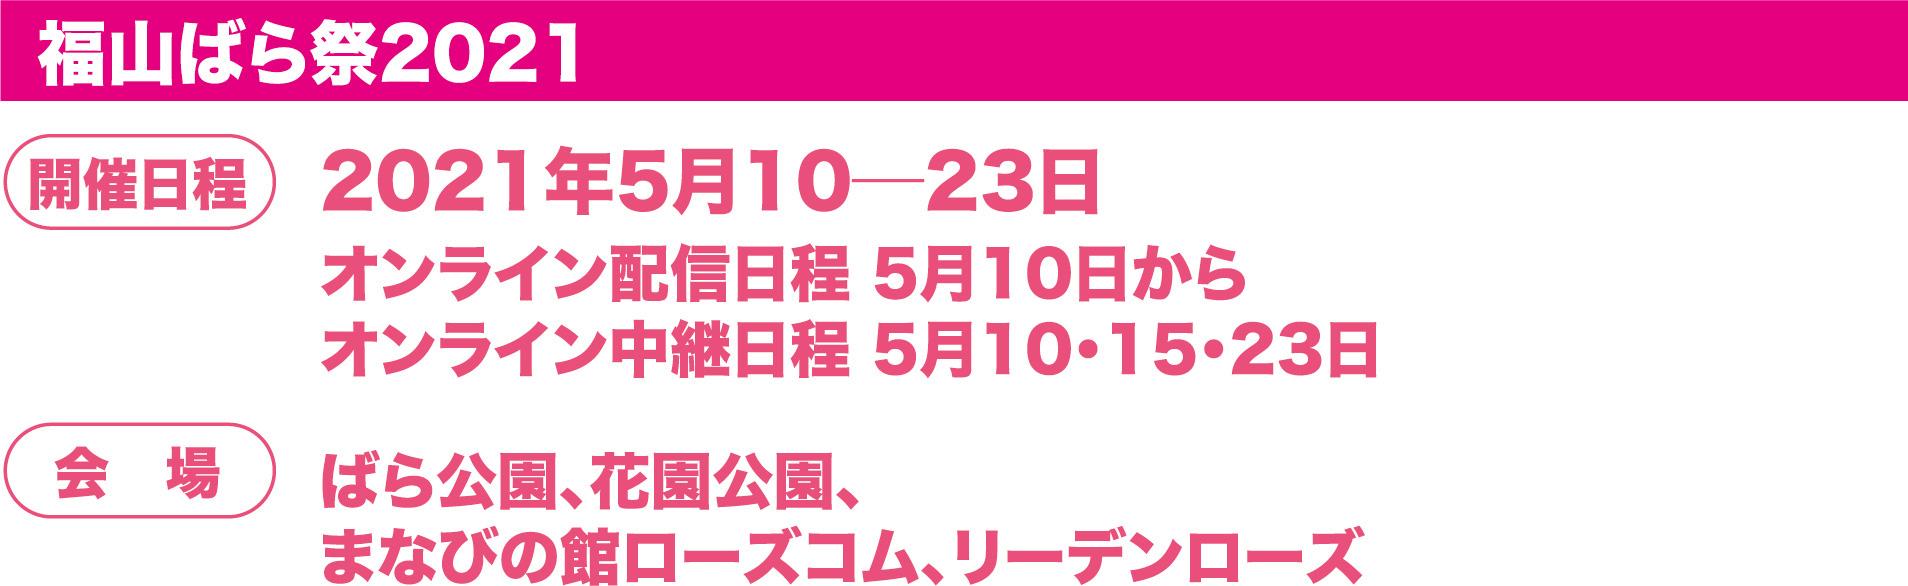 福山ばら祭2021